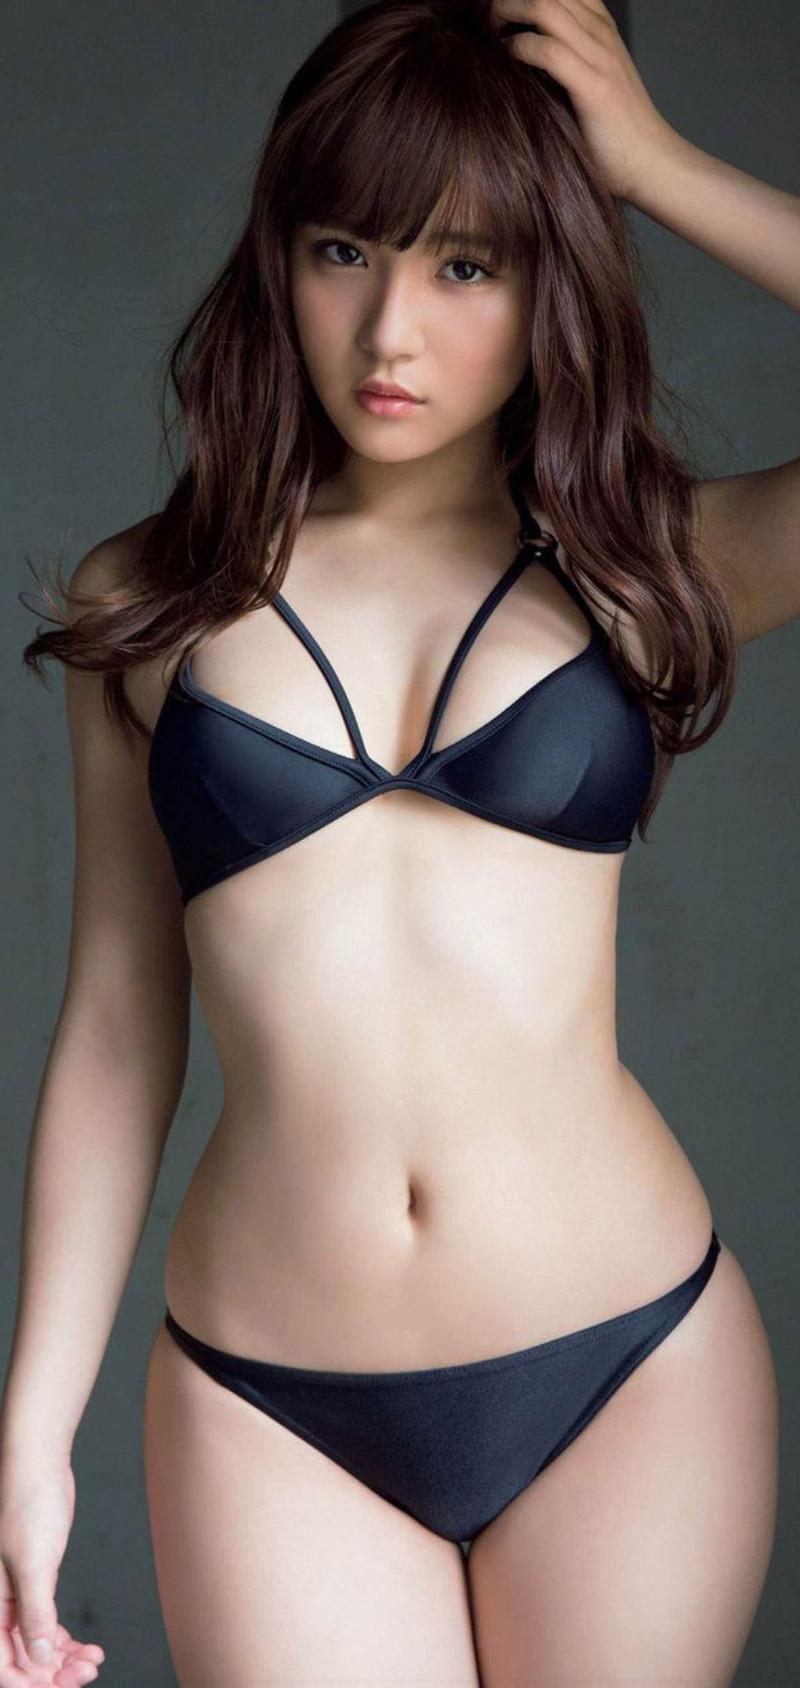 【浅川梨奈グラビア画像】童顔巨乳で大人気のグラビアアイドル水着画像 21